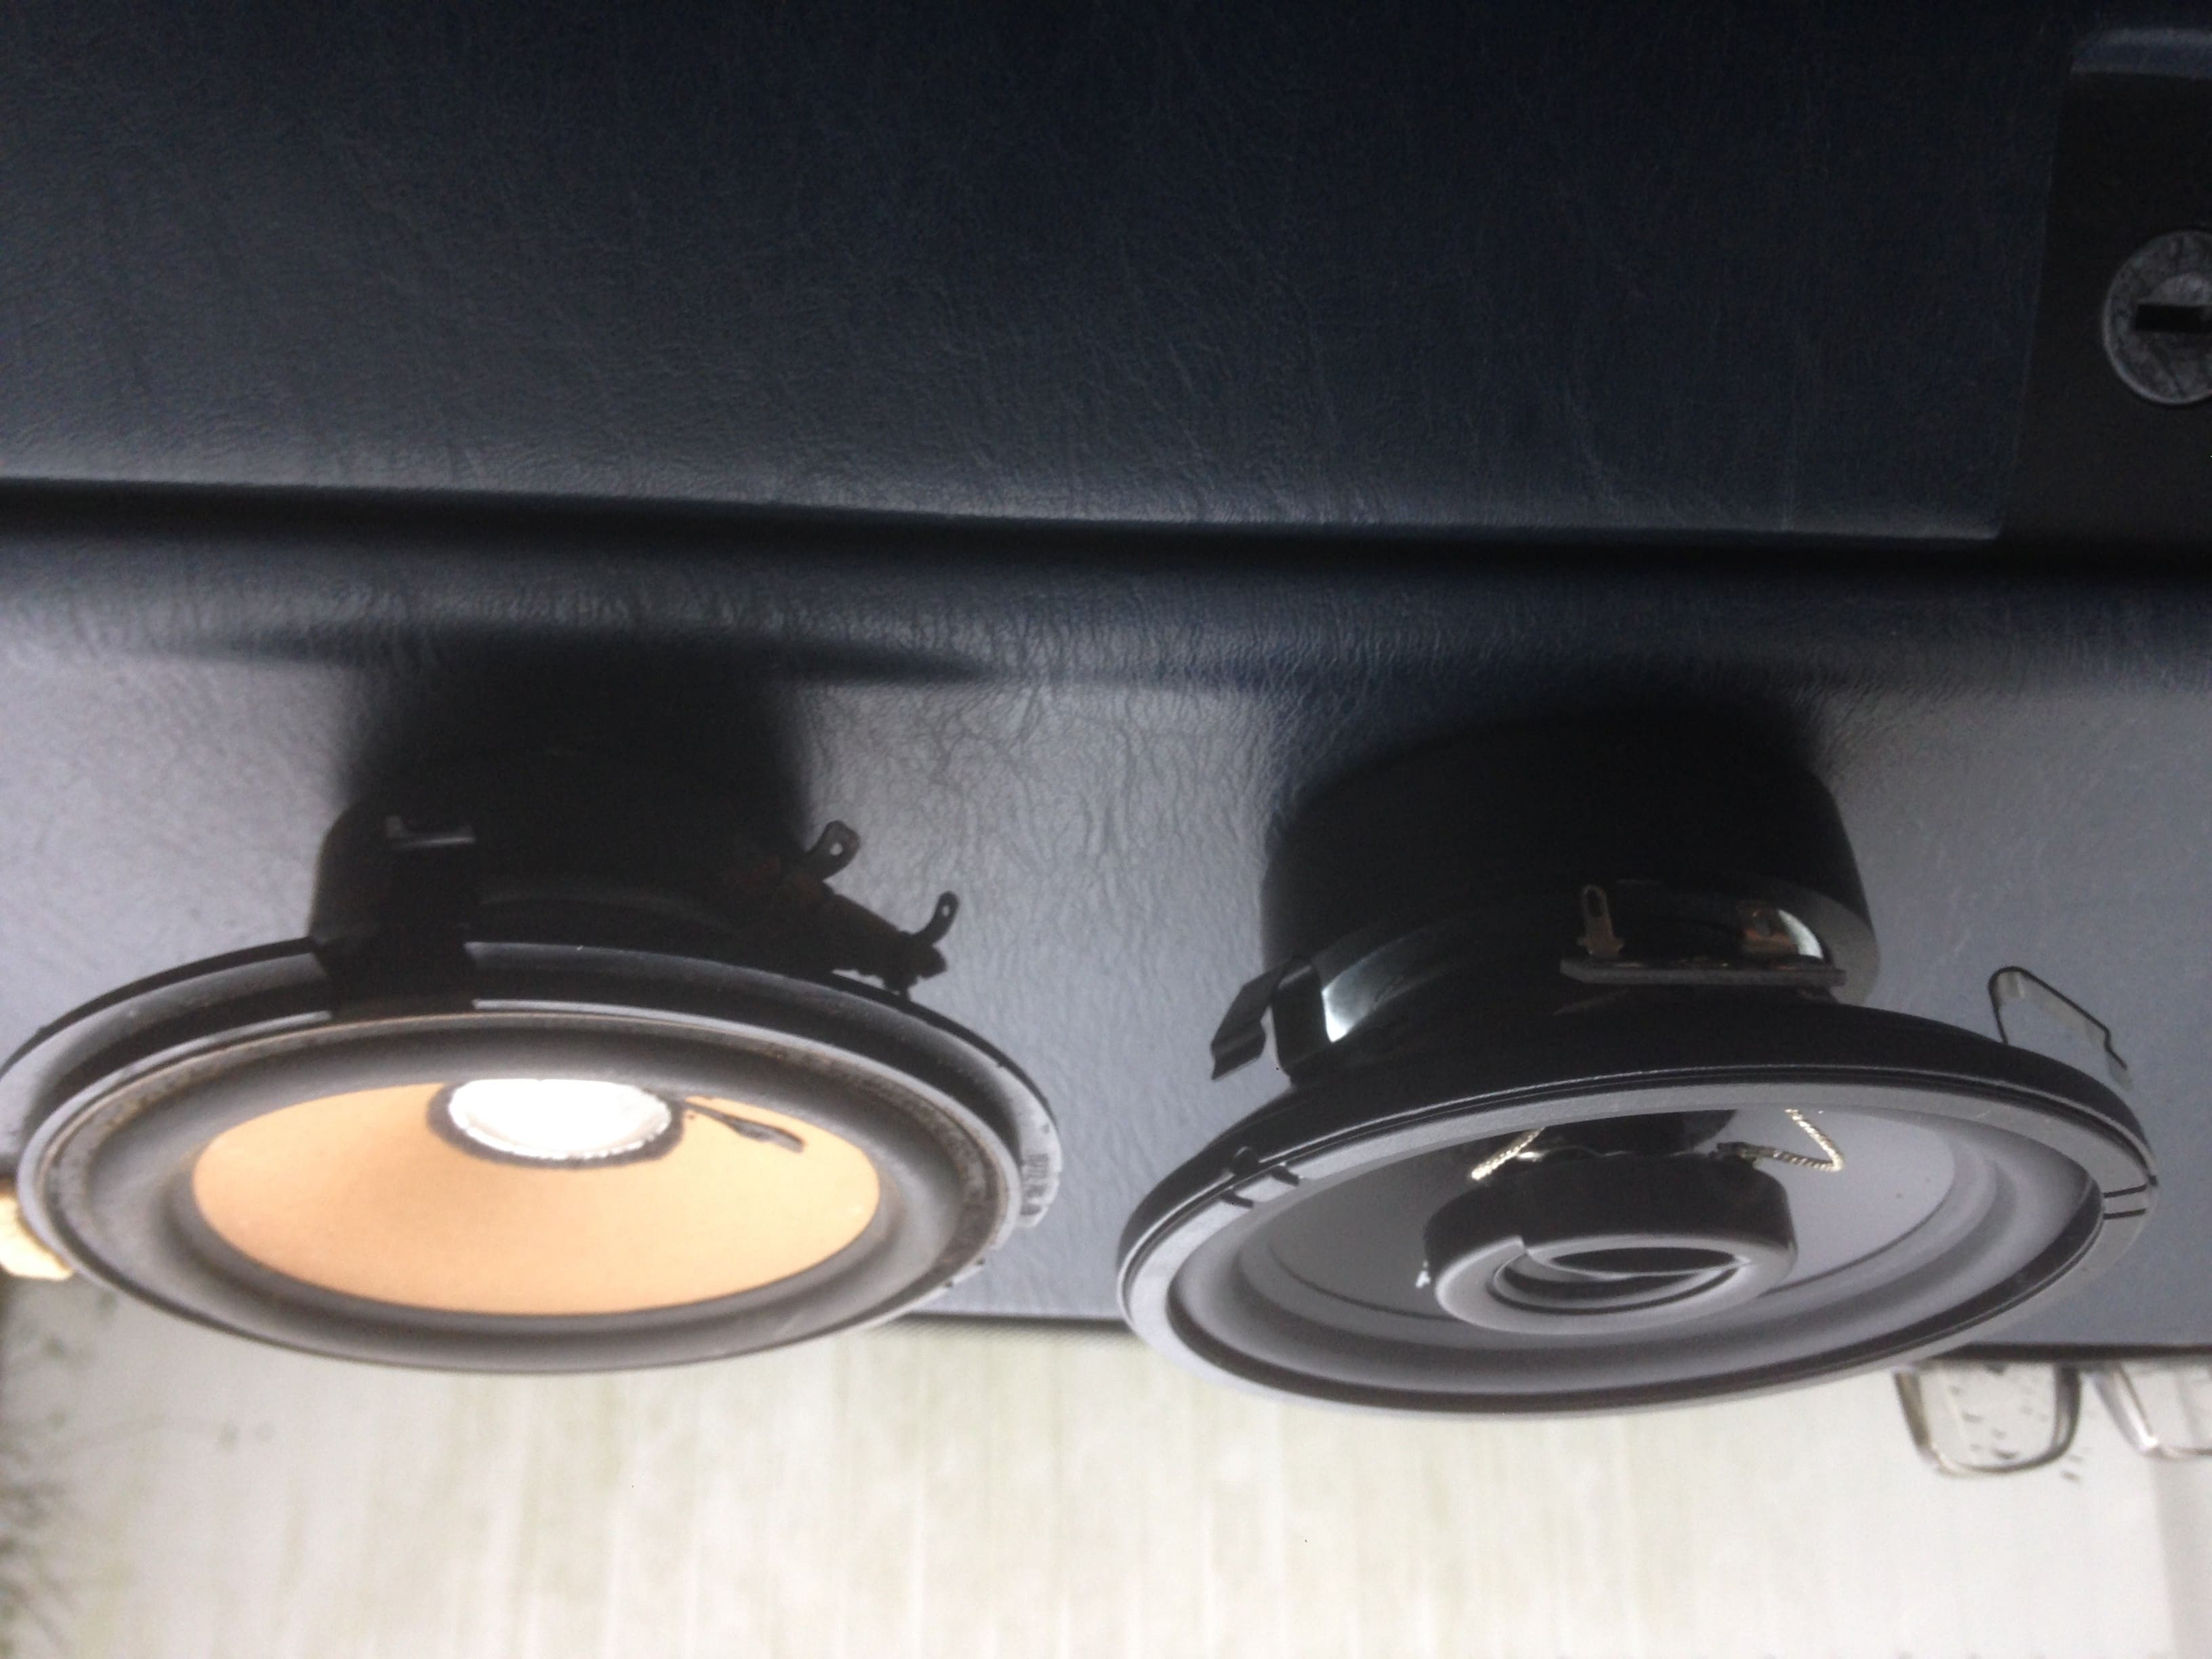 Anleitung zum Ausbau der Front-Lautsprecher des W124.